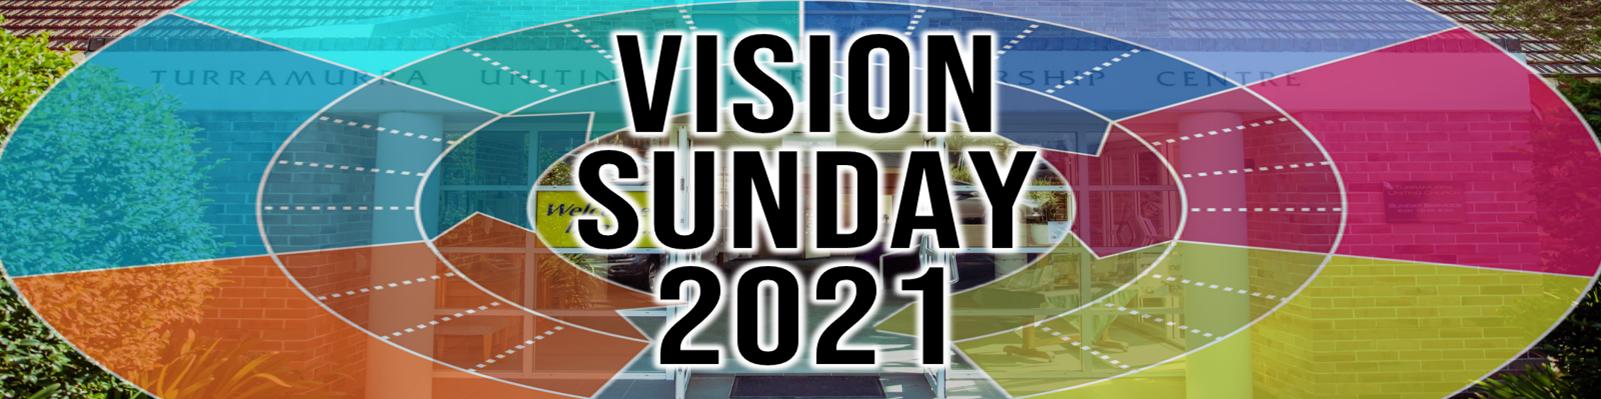 VisionSunday2021